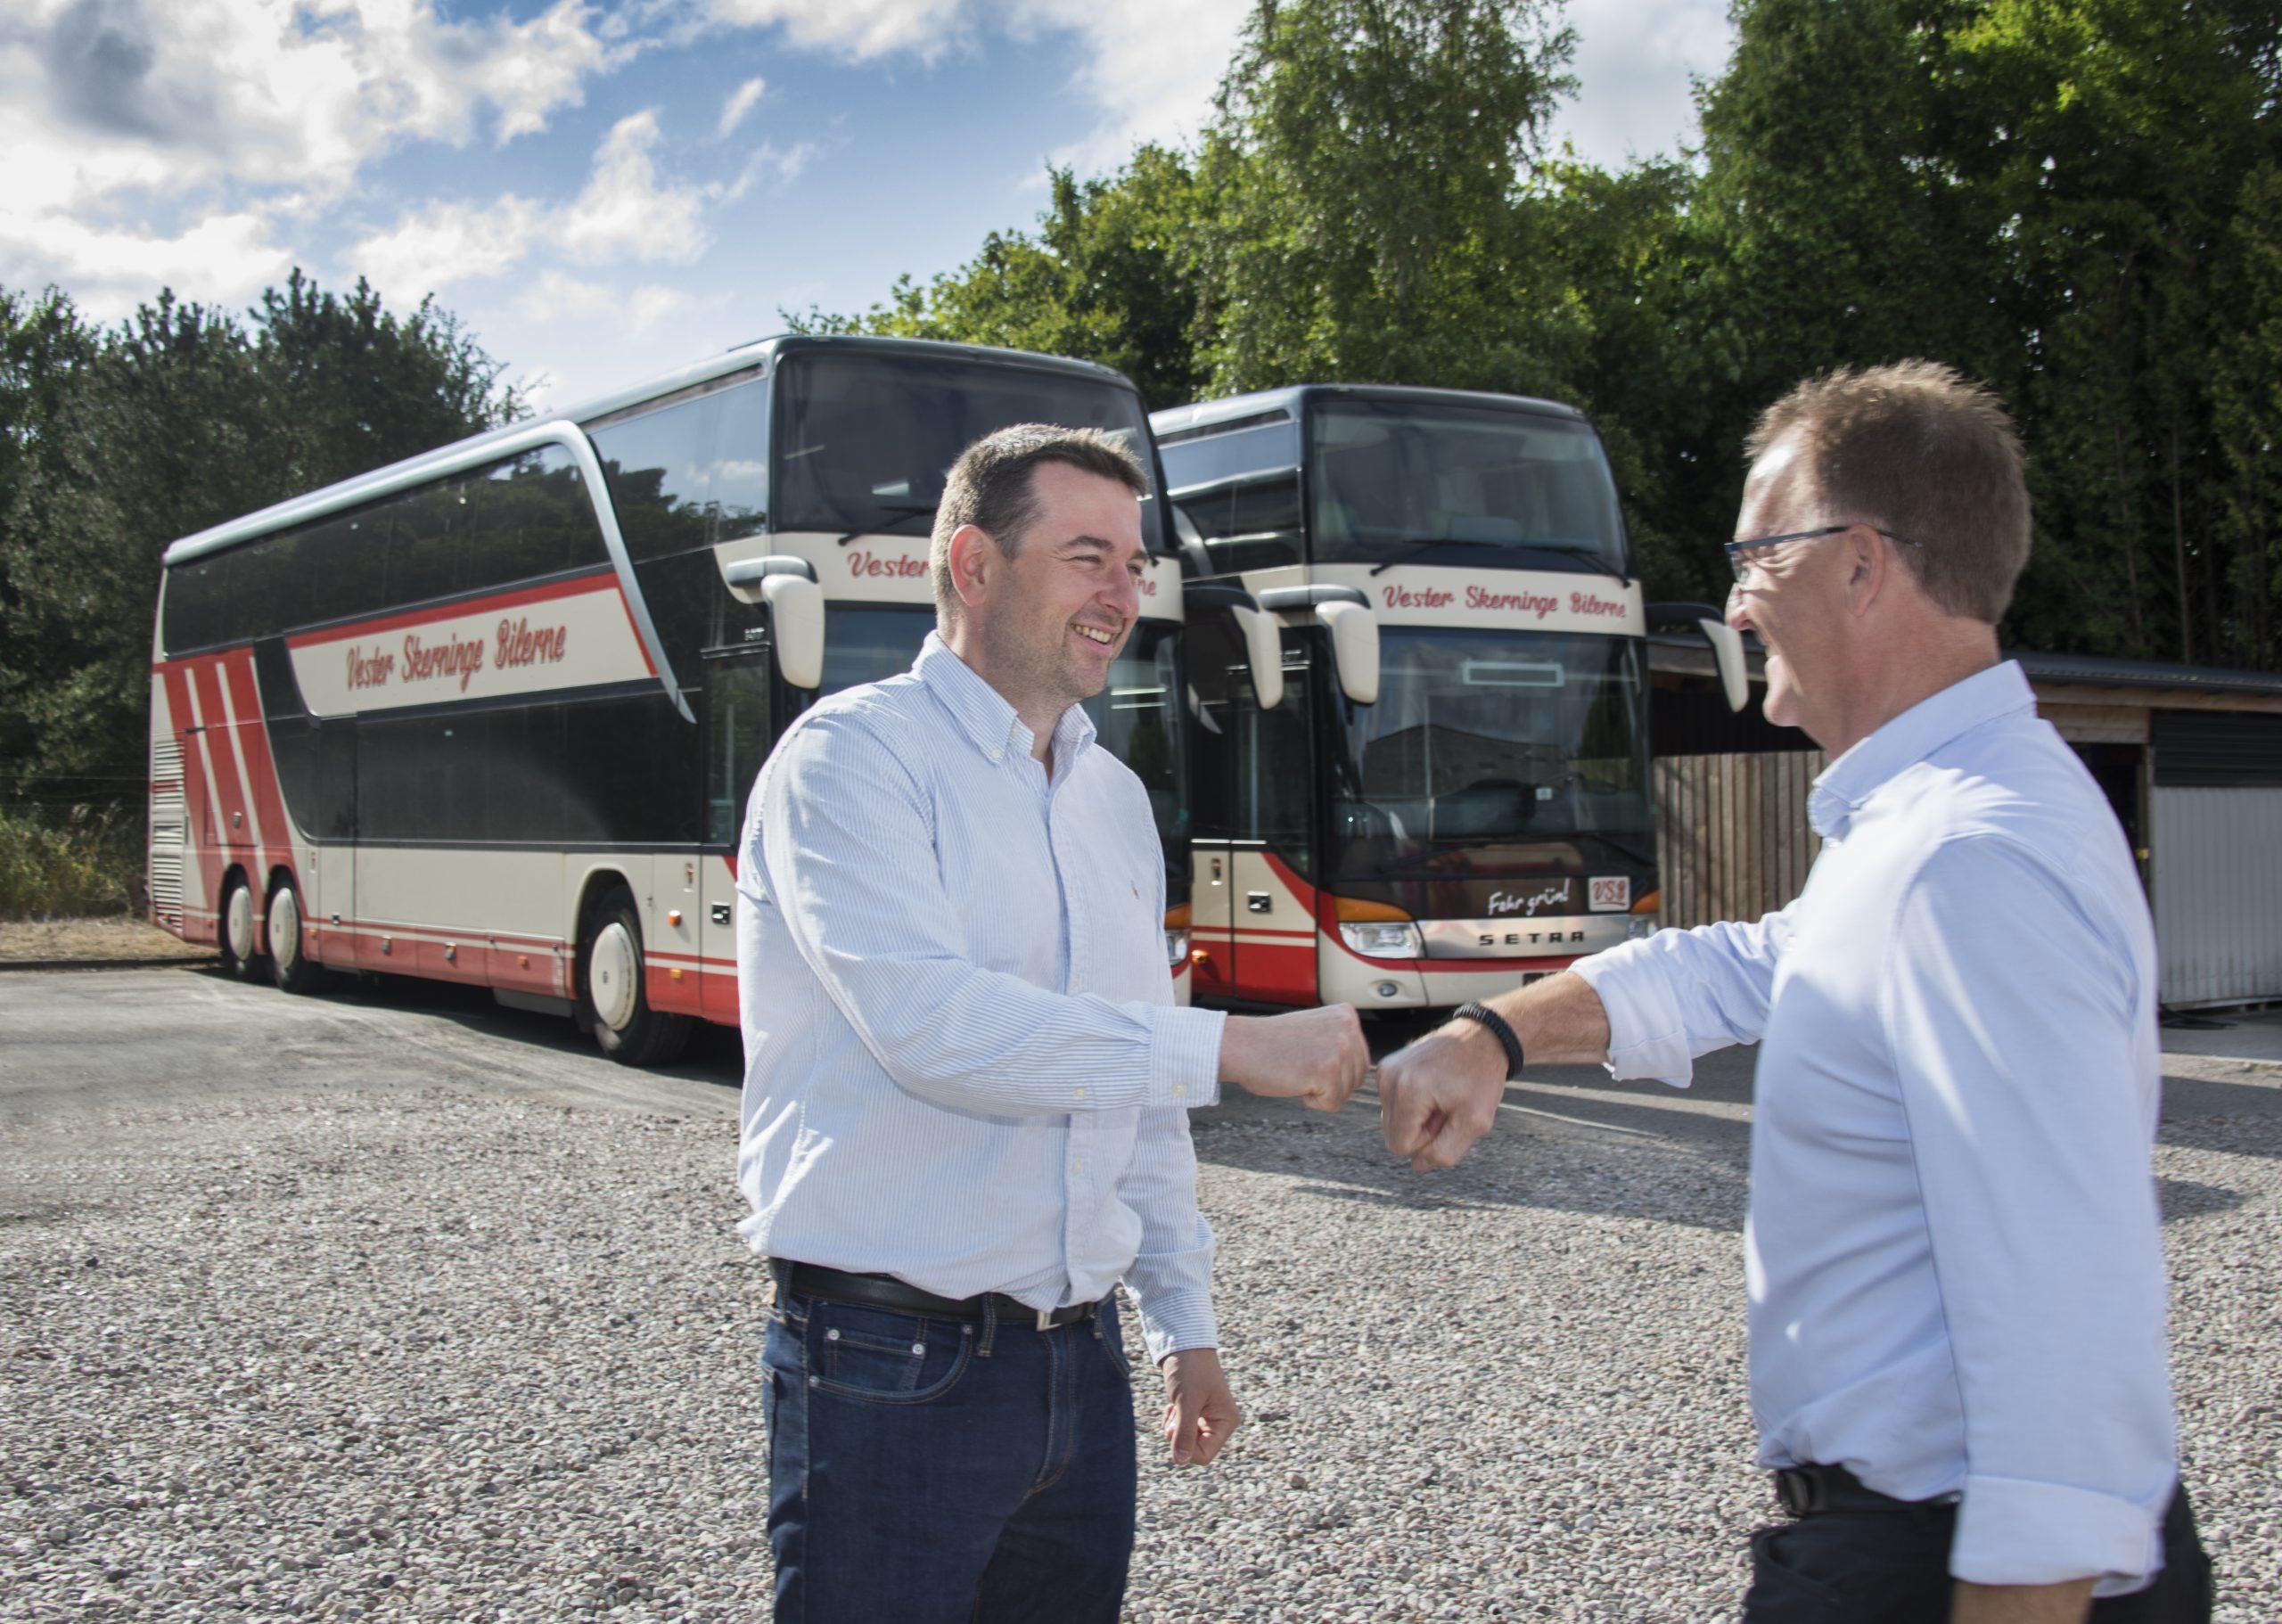 Vikingbus-samarbejdet er blevet 130 busser og cirka 100 medarbejdere større efter købet af Vester Skerninge Bilerne. Til venstre Anders Larsen fra det sydfynske busselskab og Mogens Pedersen, administrerende direktør for Vikingbus. PR-foto.